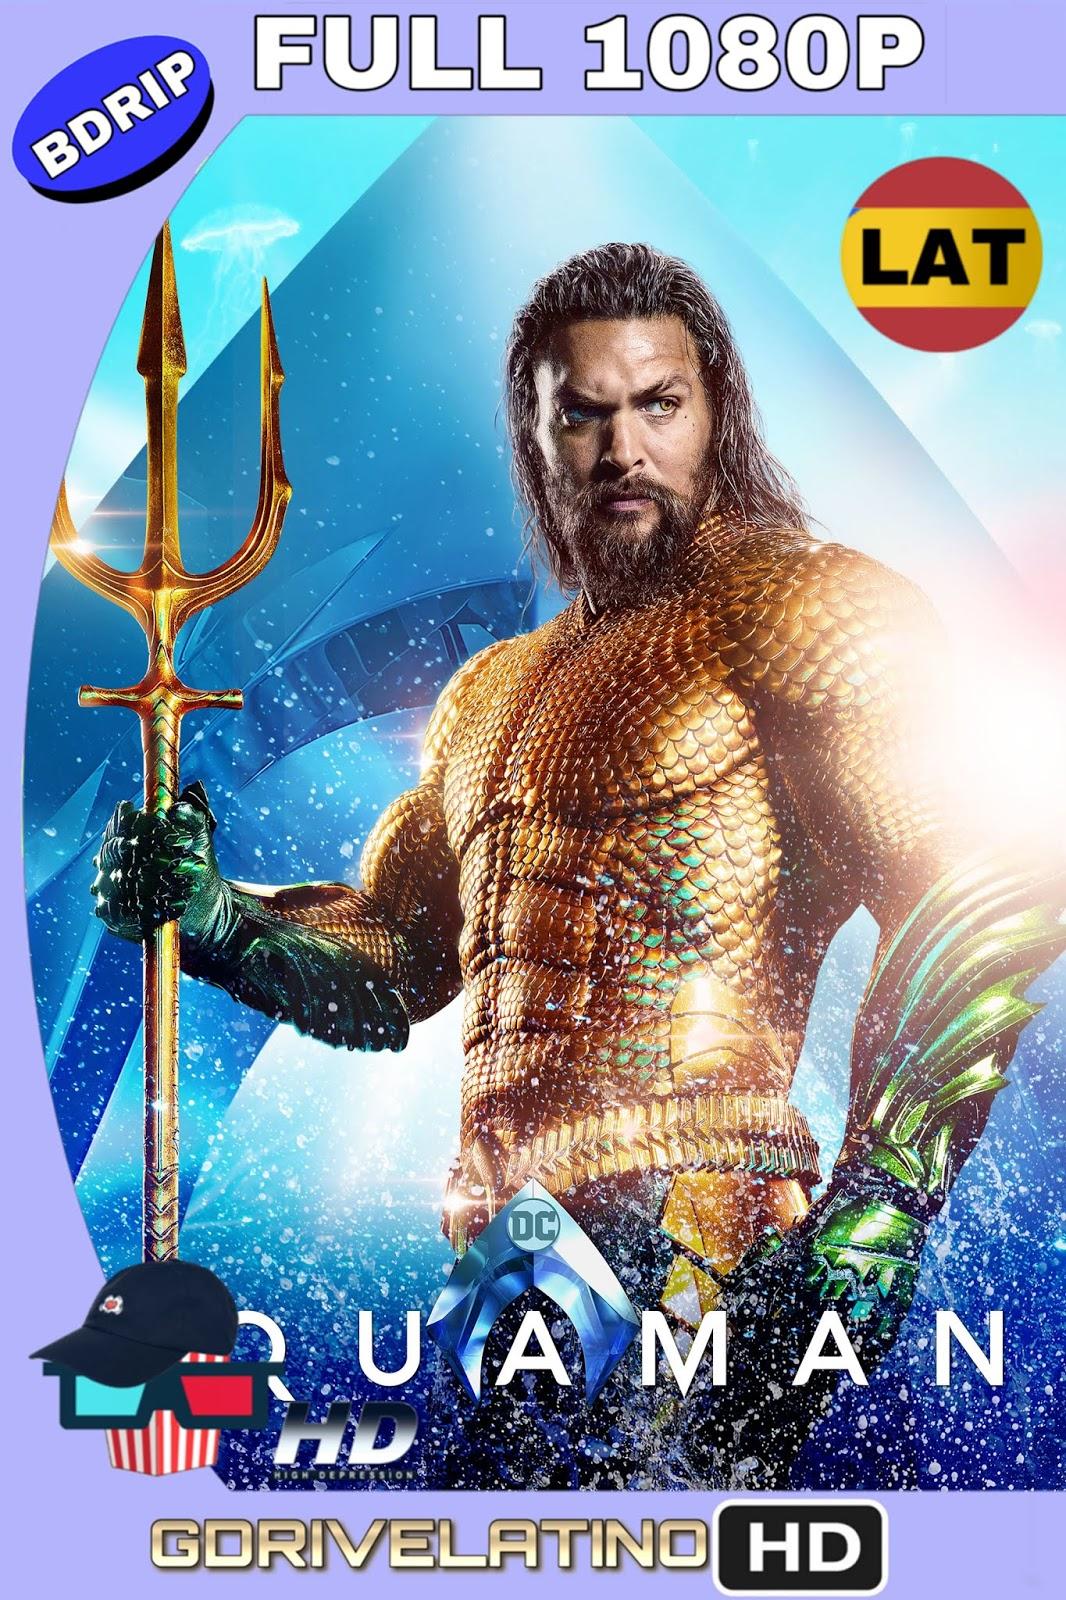 Aquaman (2018) BDRip FULL 1080p (IMAX) (Latino–Inglés) MKV